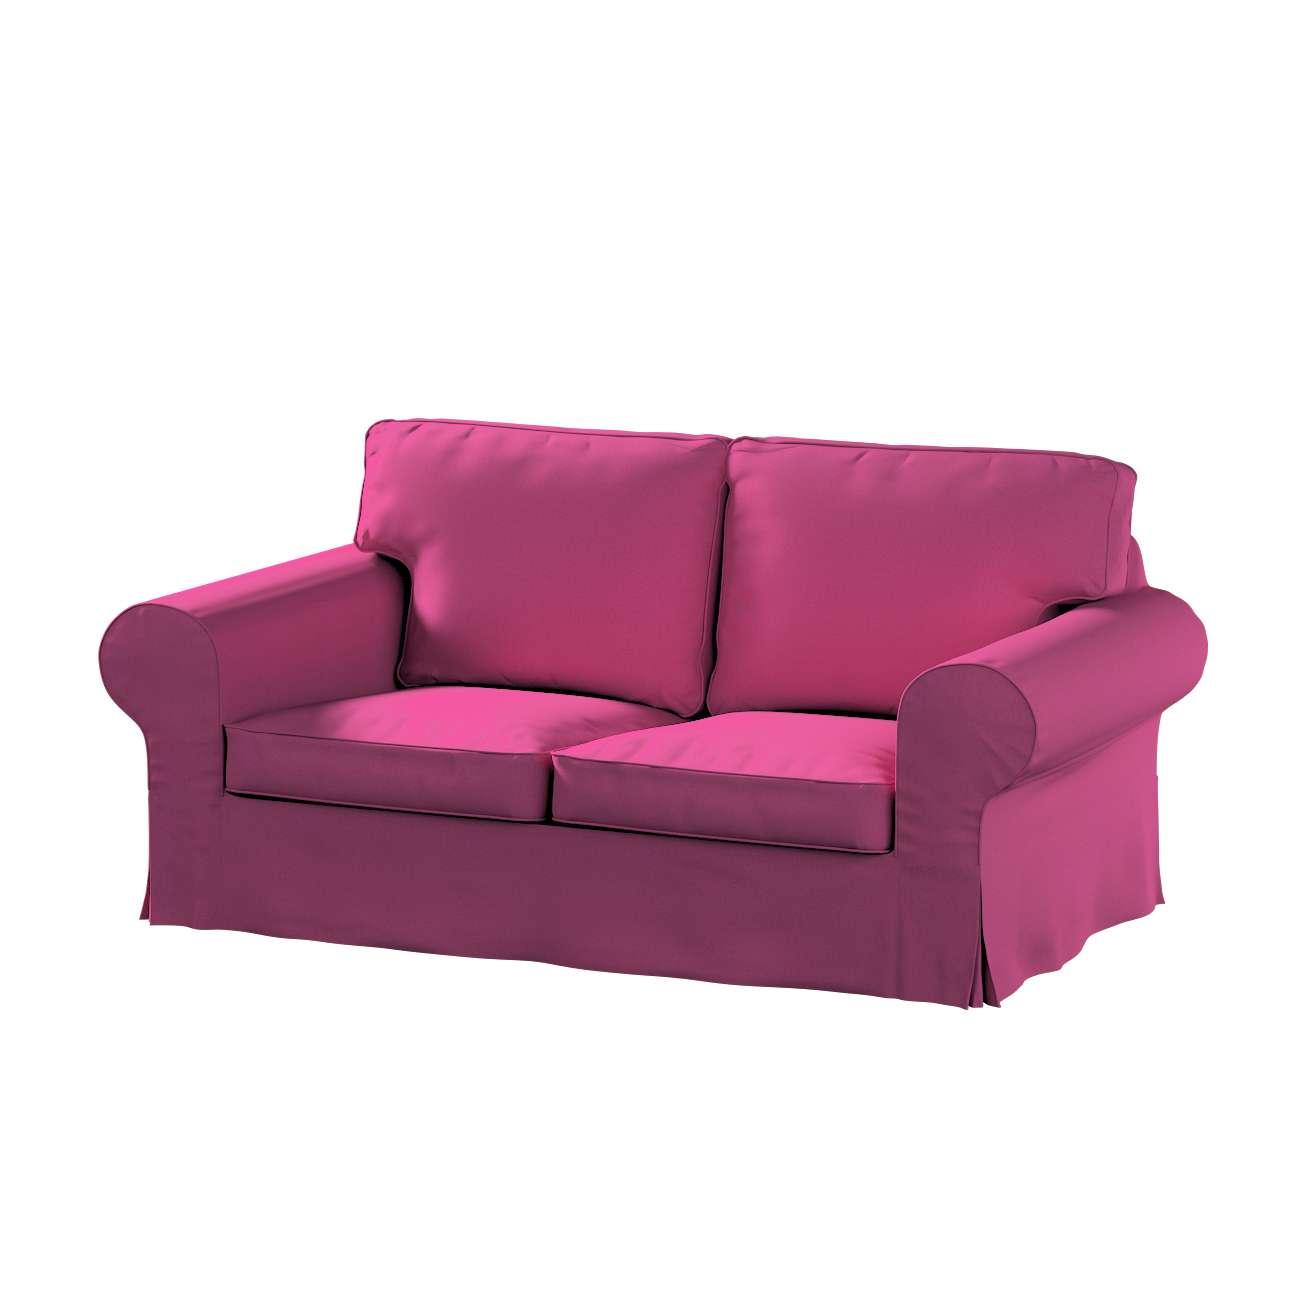 Poťah na sedačku Ektorp (rozkladacia, pre 2 osoby) STARÝ MODEL V kolekcii Living 2, tkanina: 161-29